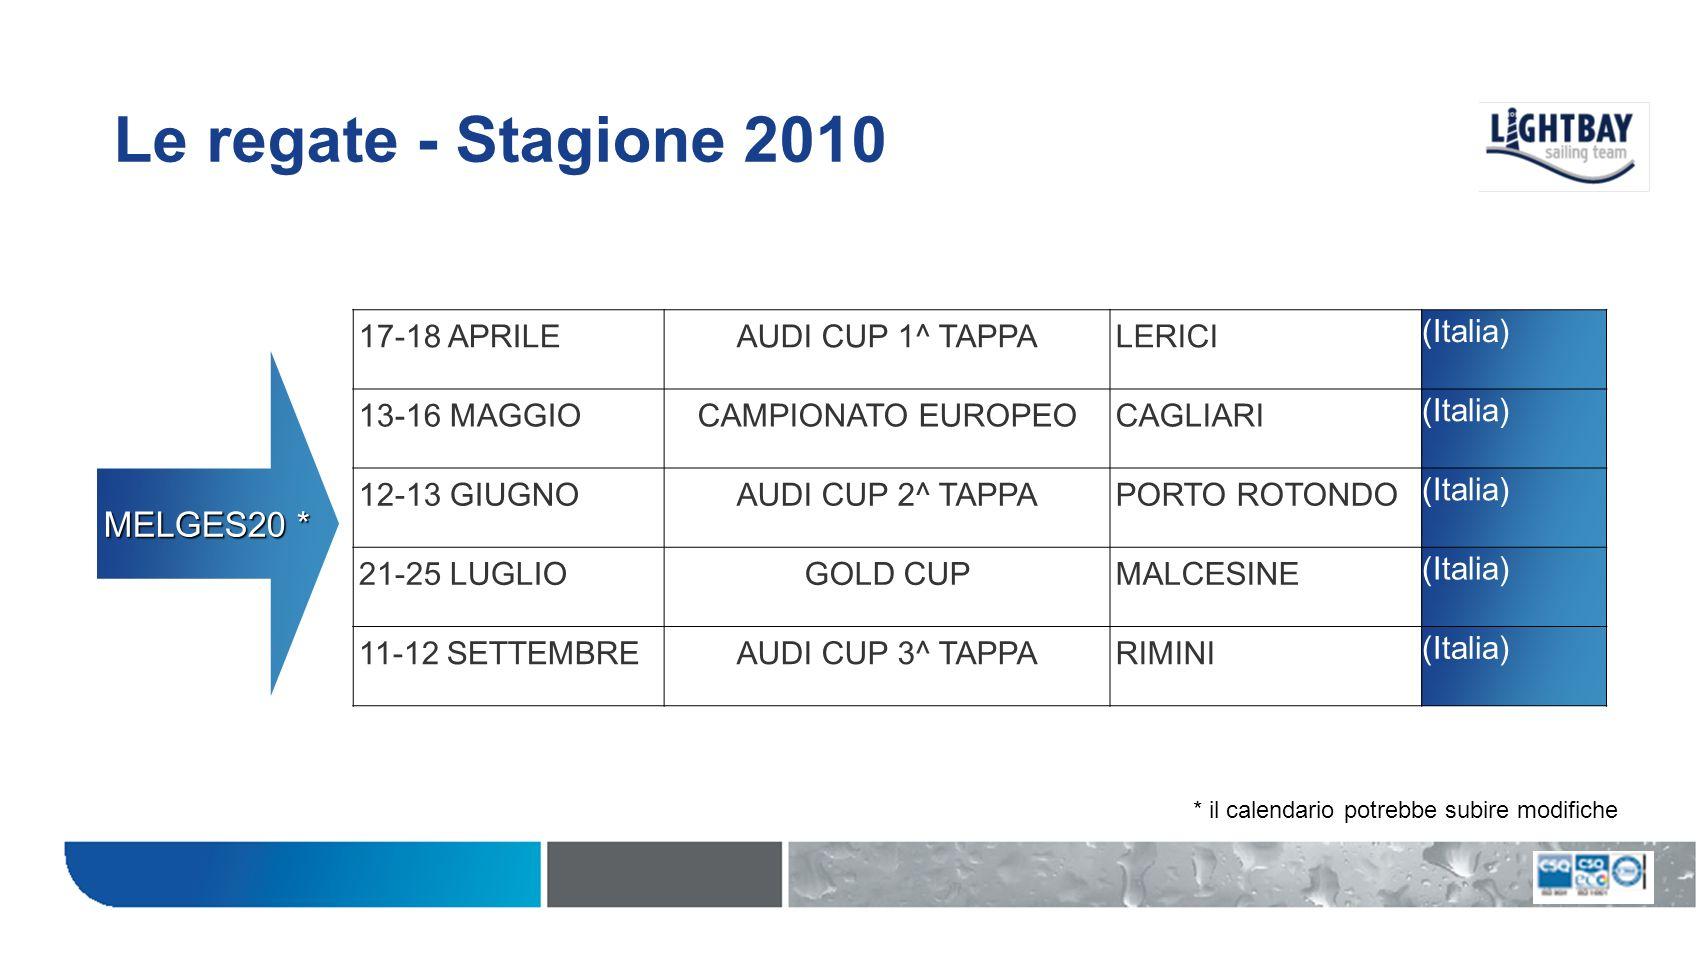 Le regate - Stagione 2010 17-18 APRILEAUDI CUP 1^ TAPPALERICI (Italia) 13-16 MAGGIOCAMPIONATO EUROPEOCAGLIARI (Italia) 12-13 GIUGNOAUDI CUP 2^ TAPPAPO